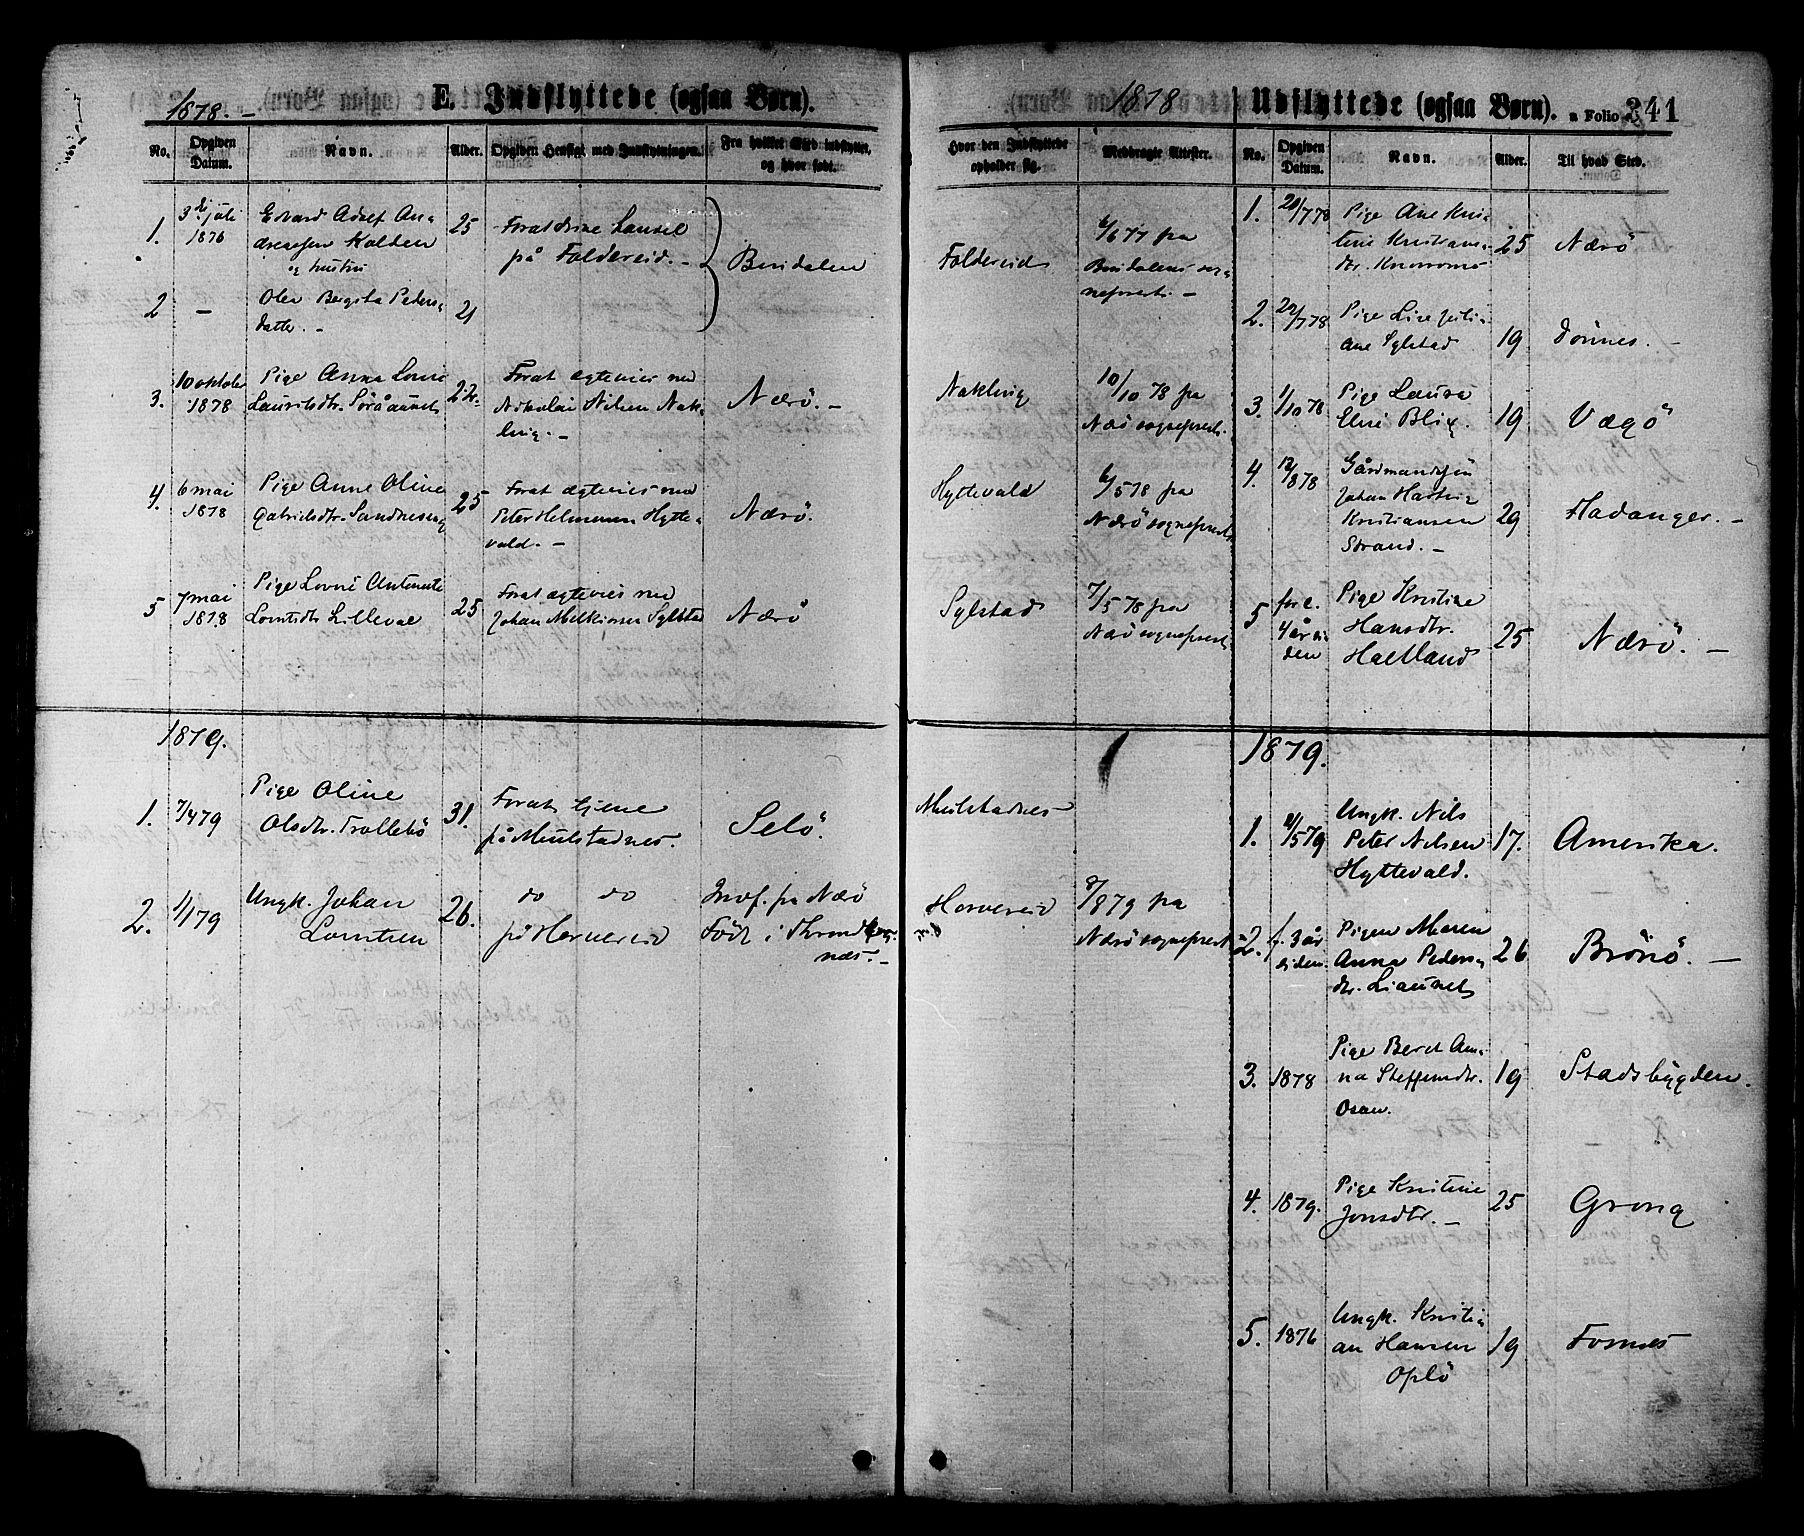 SAT, Ministerialprotokoller, klokkerbøker og fødselsregistre - Nord-Trøndelag, 780/L0642: Ministerialbok nr. 780A07 /1, 1874-1885, s. 341